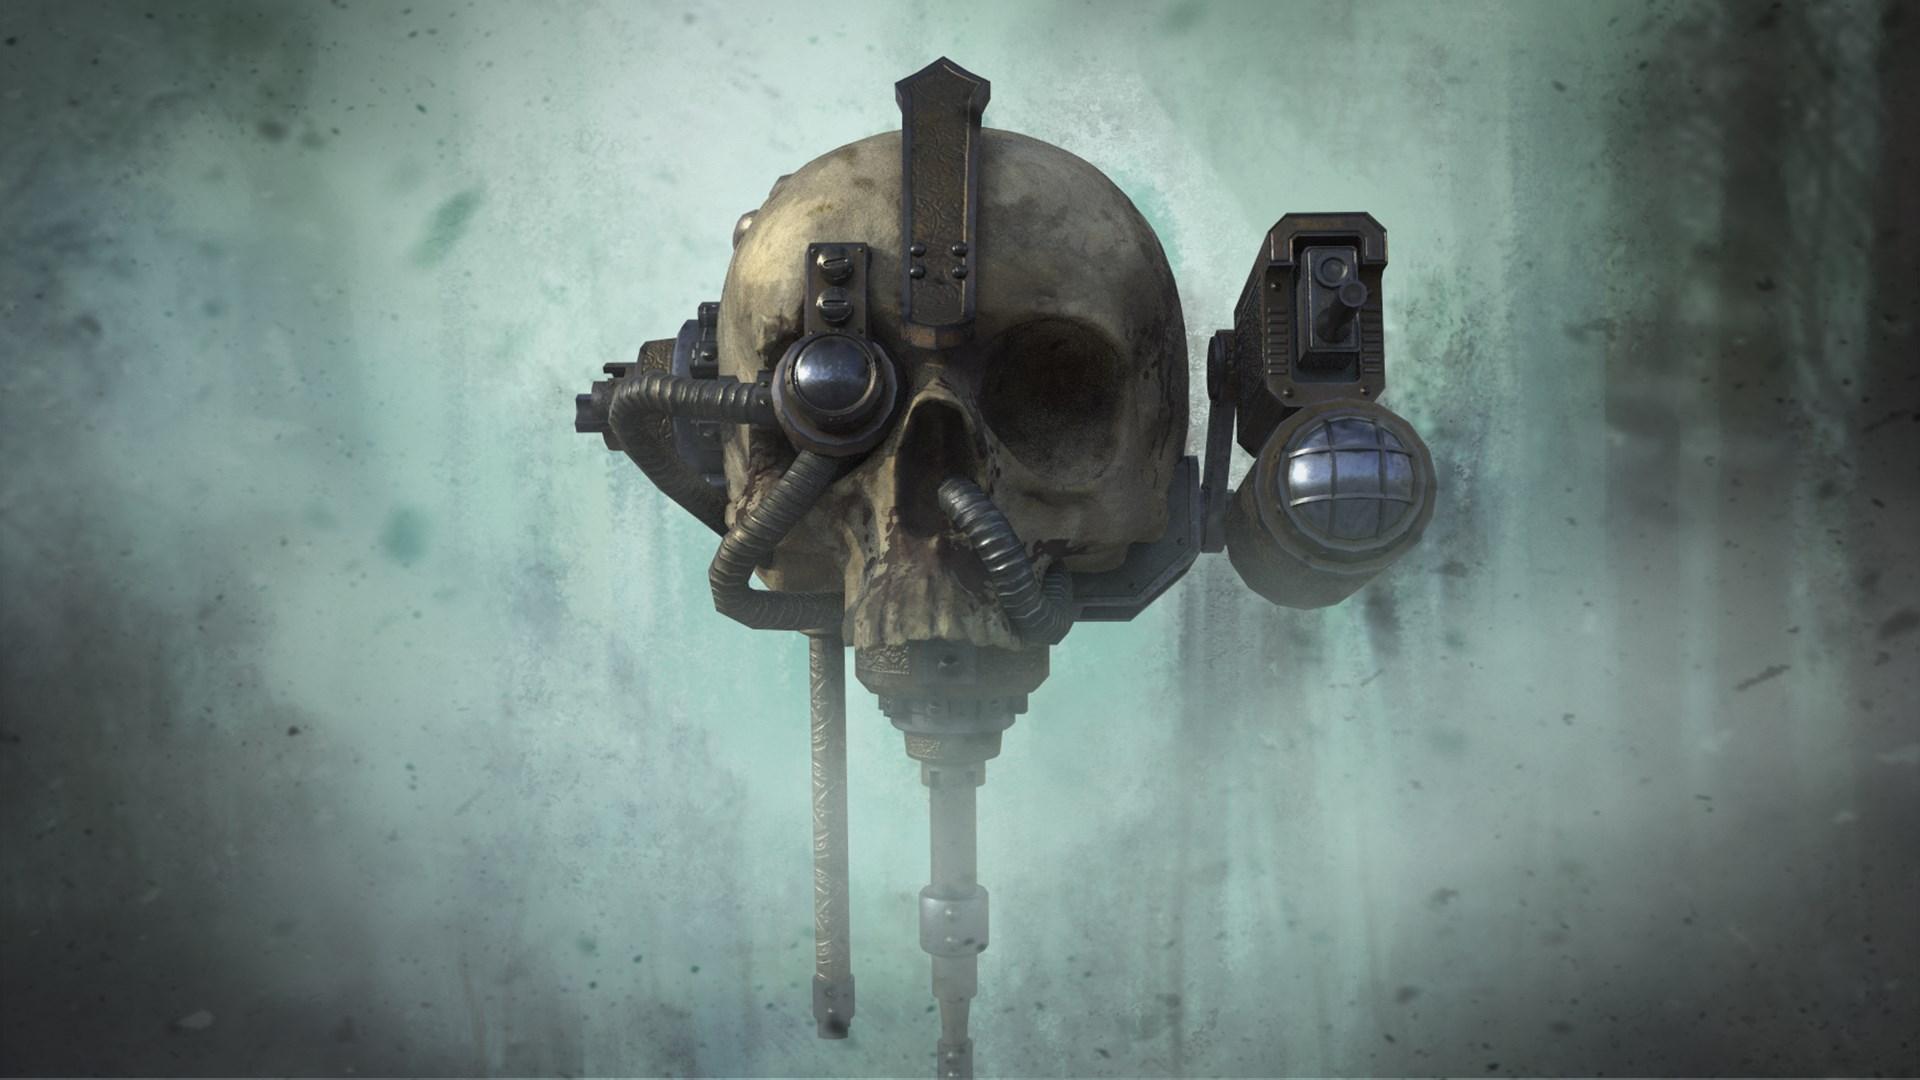 Warhammer 40,000: Inquisitor - Martyr | Servo-skull